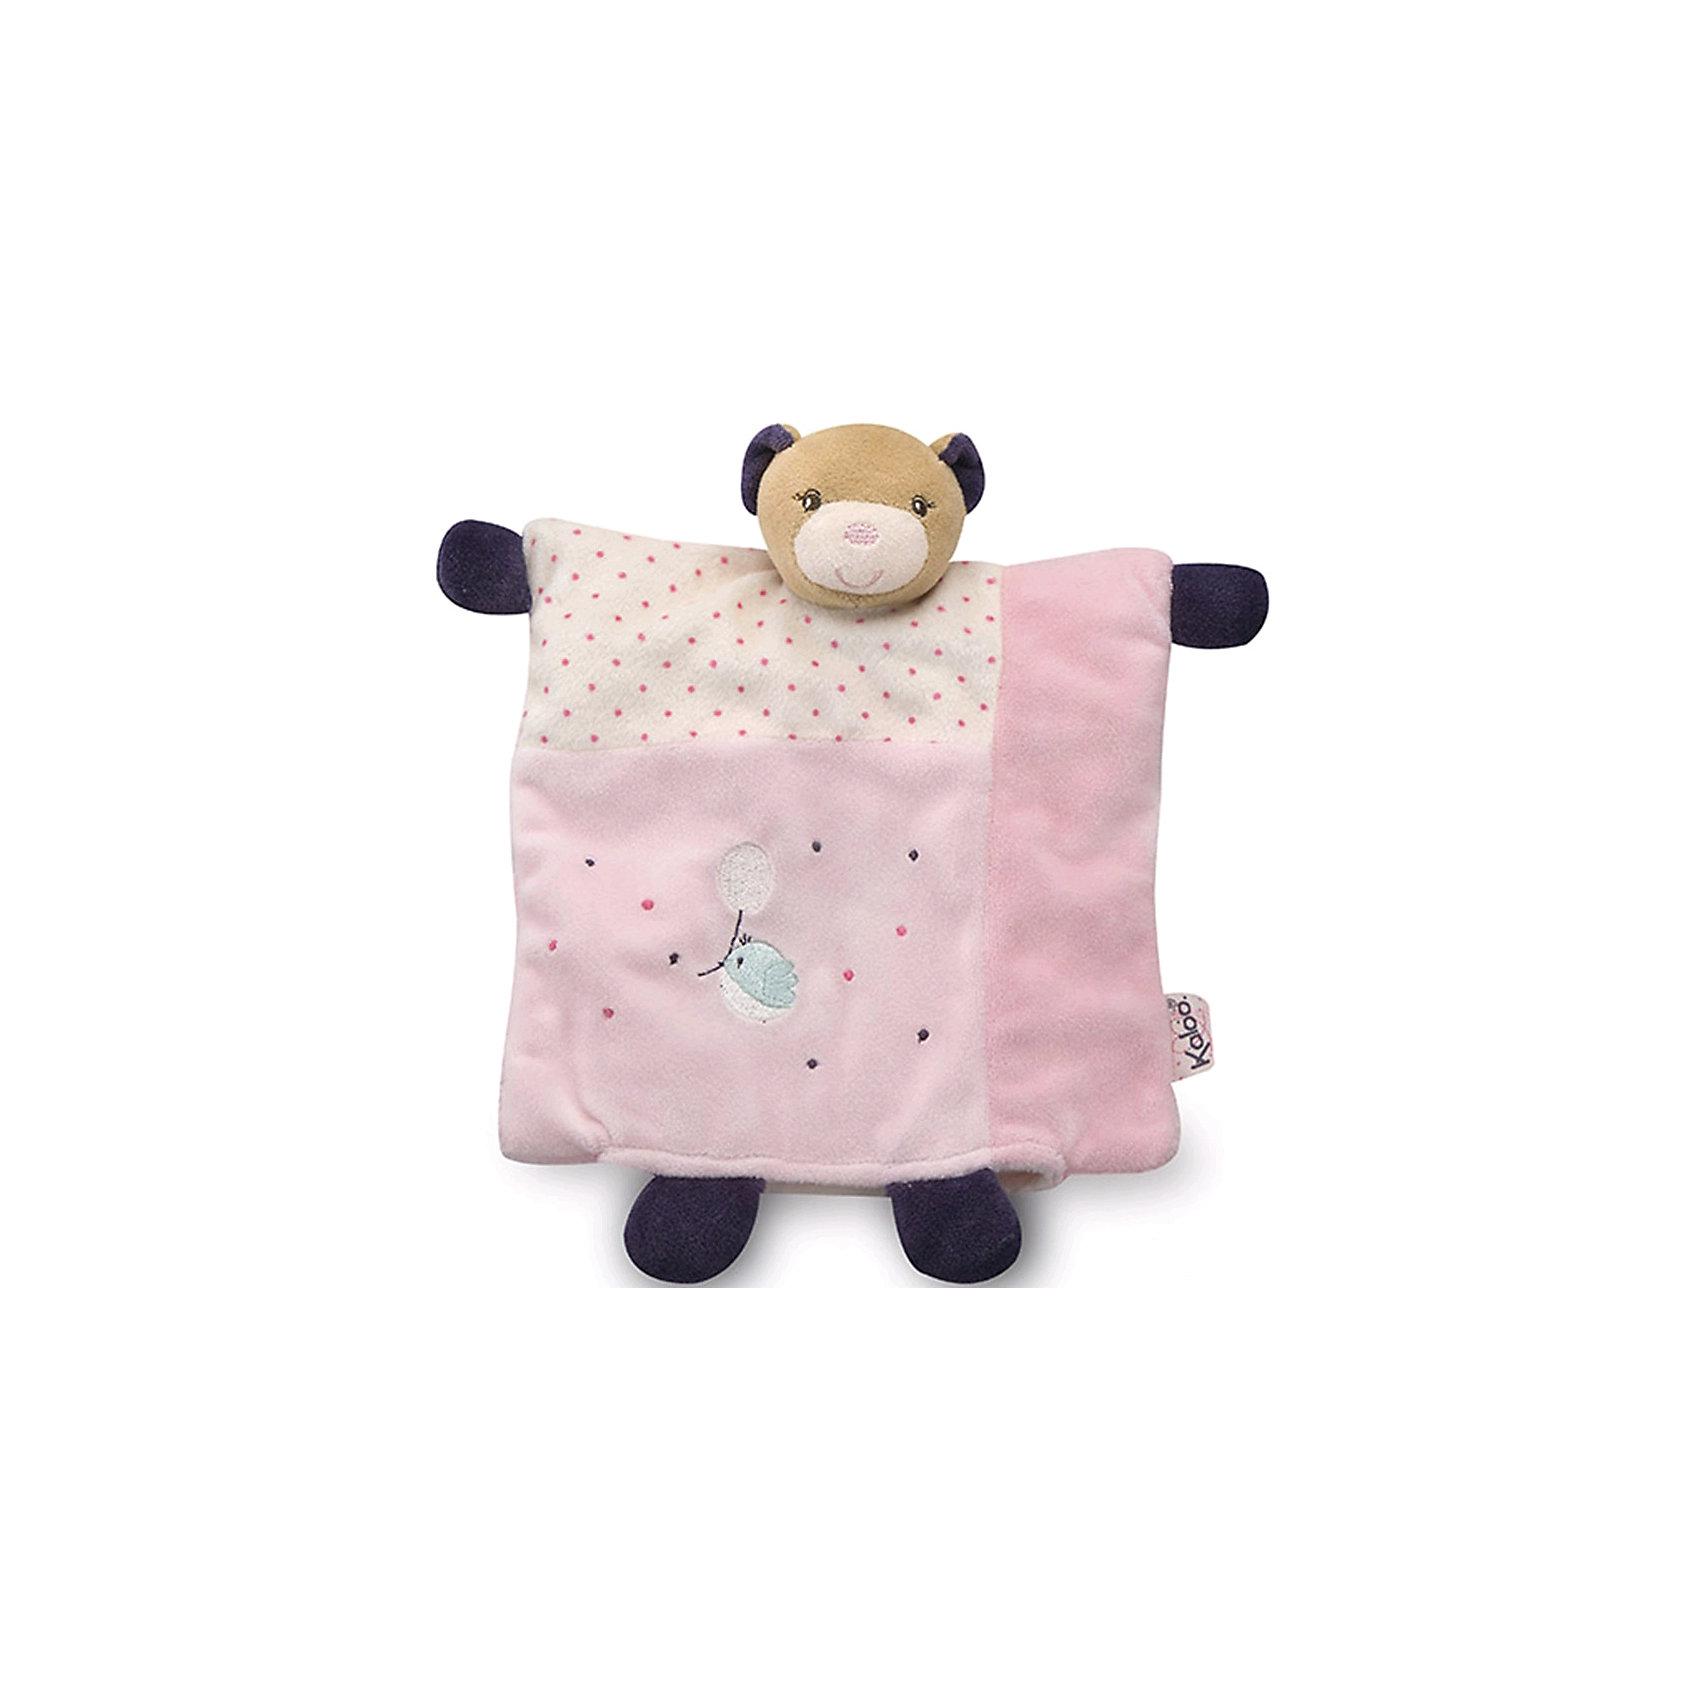 Игрушка-комфортер Розочка Мишка Крастока, KalooИгрушка-комфортер Розочка Мишка Крастока, Kaloo<br><br>Характеристики:<br><br>• Цвет: розовый<br>• Материал: плюш, наполнитель, текстиль<br>• Размер: 20х20 см<br><br>Комфортер – не просто игрушка, это верный помощник малышу в борьбе с плохими сновидениями. Мамочке достаточно подержать комфортер рядом с собой, чтобы он работал в полную силу. Лицо малыша будет прислоняться к мягкой ткани, от которой пахнет мамой. А маленький мишка с квадратным туловищем всегда будет рядом с крошкой. Комфортер упакован в подарочную коробку. <br><br>Игрушка-комфортер Розочка Мишка Крастока, Kaloo можно купить в нашем интернет-магазине.<br><br>Ширина мм: 250<br>Глубина мм: 60<br>Высота мм: 240<br>Вес г: 70<br>Возраст от месяцев: 0<br>Возраст до месяцев: 1188<br>Пол: Женский<br>Возраст: Детский<br>SKU: 5163427